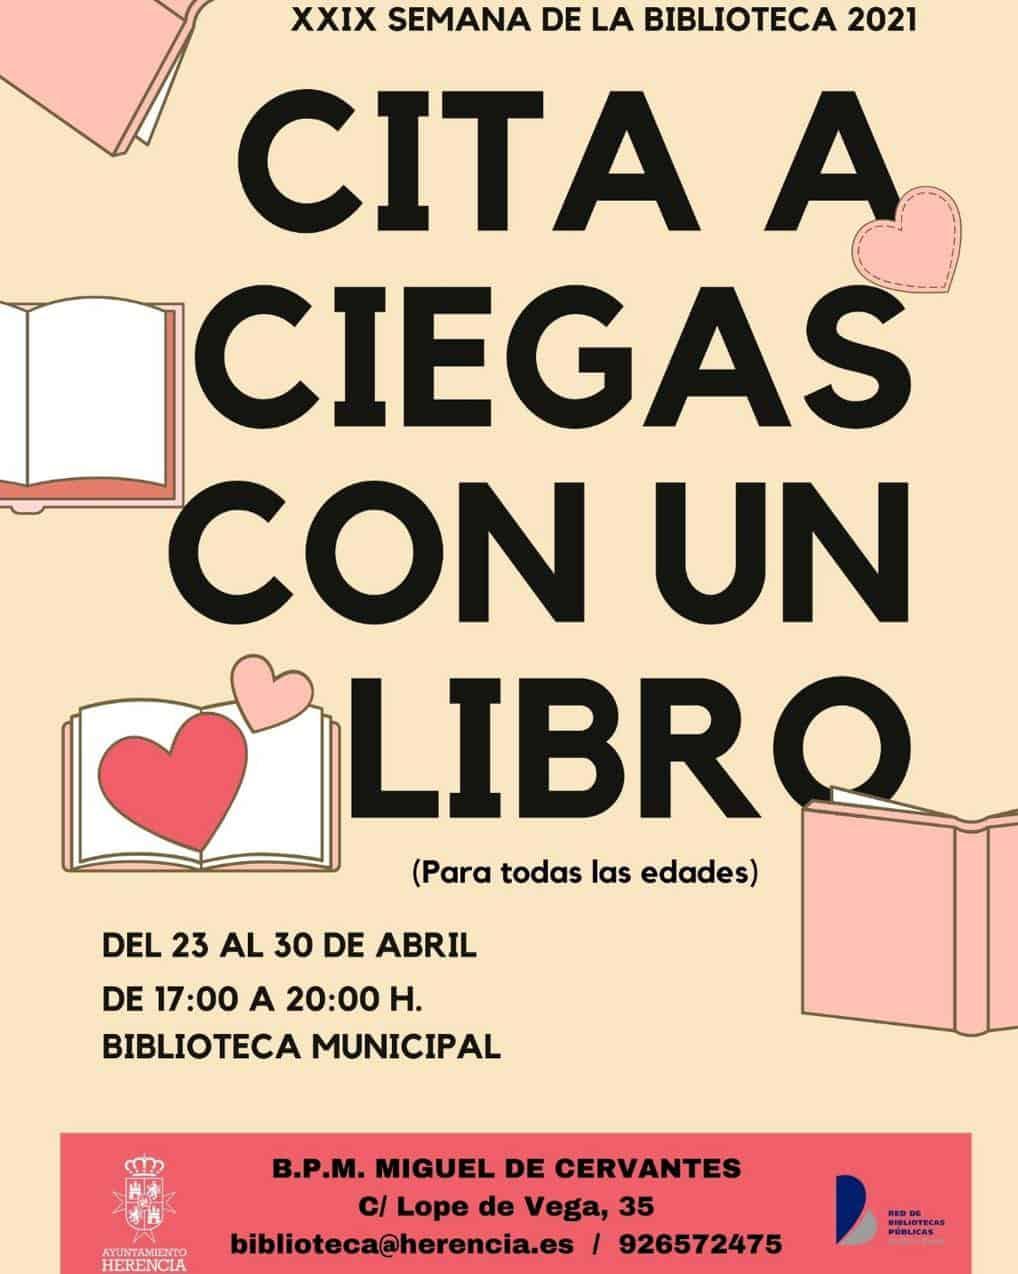 Cita a Ciegas con los libros en la XXIX Semana de la Biblioteca de Herencia 3